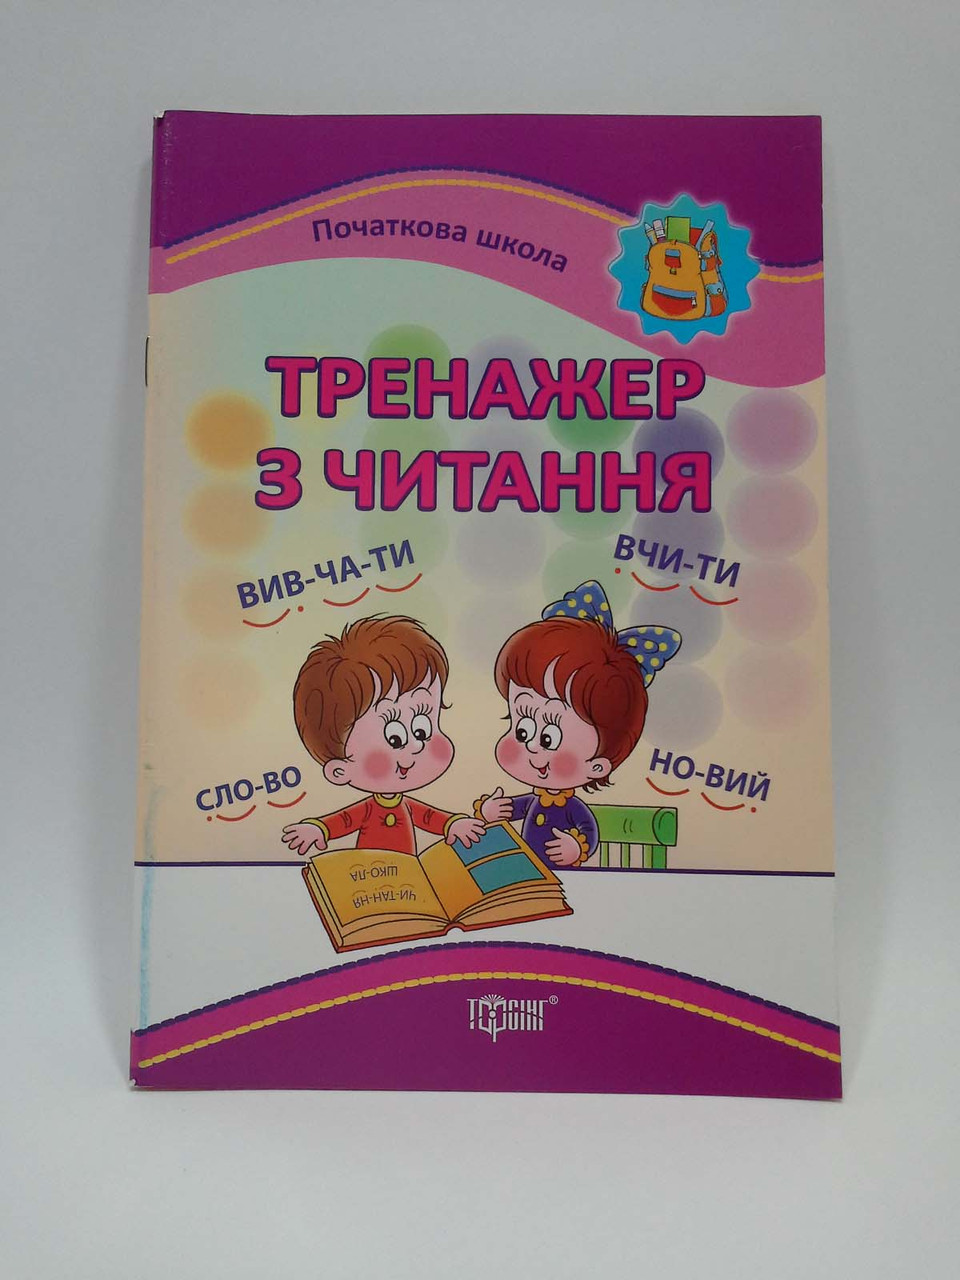 Торсінг Початкова школа Тренажер з читання